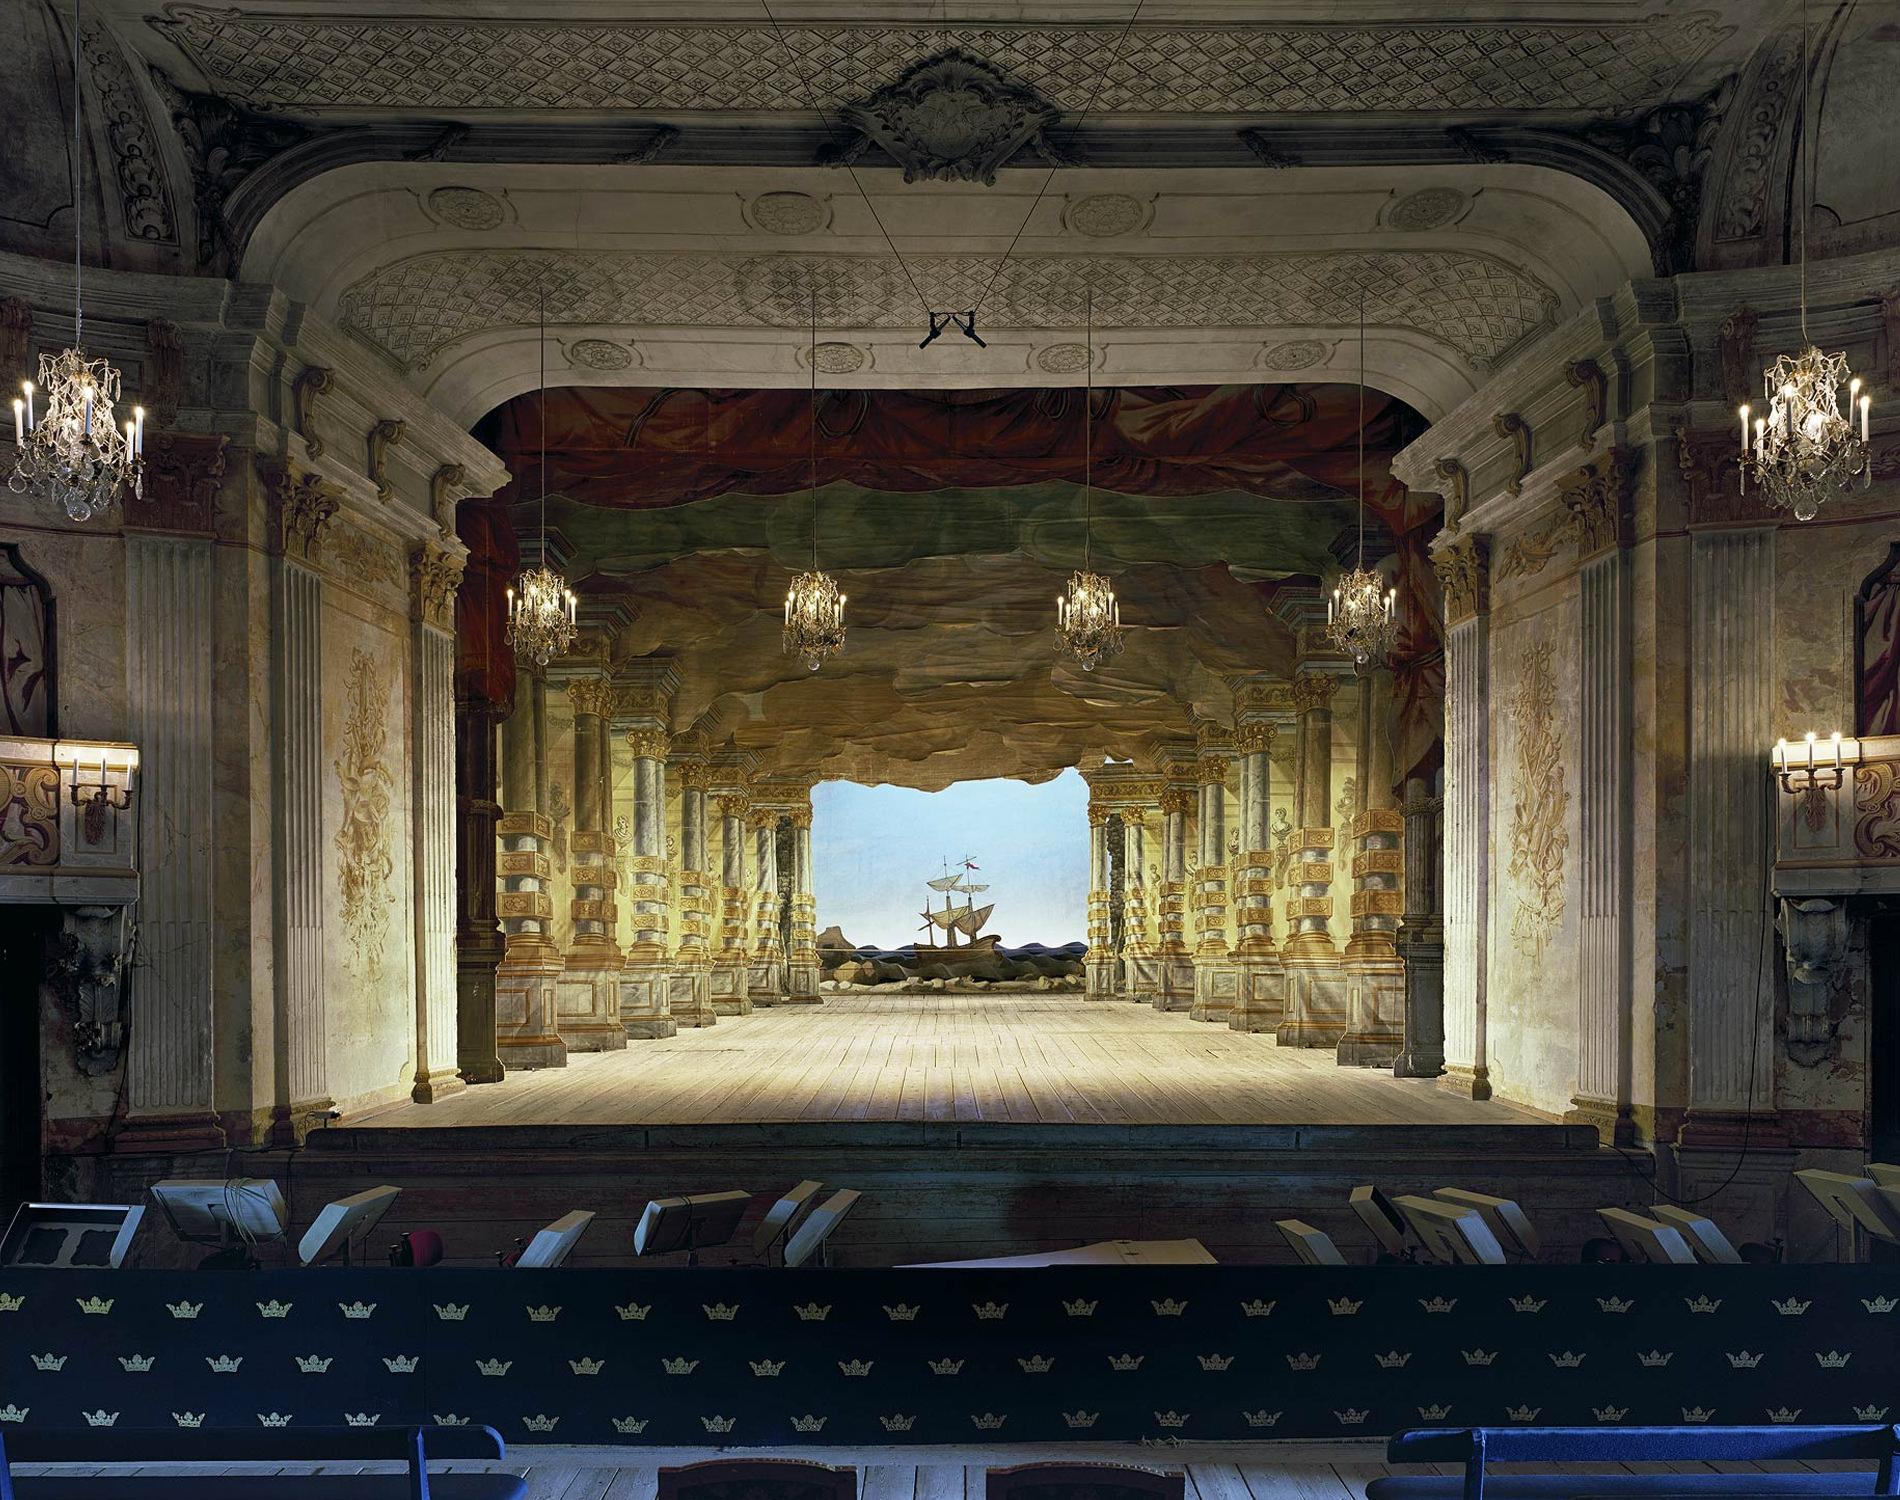 Opera Slottsteater Drottningholm Suède 2008